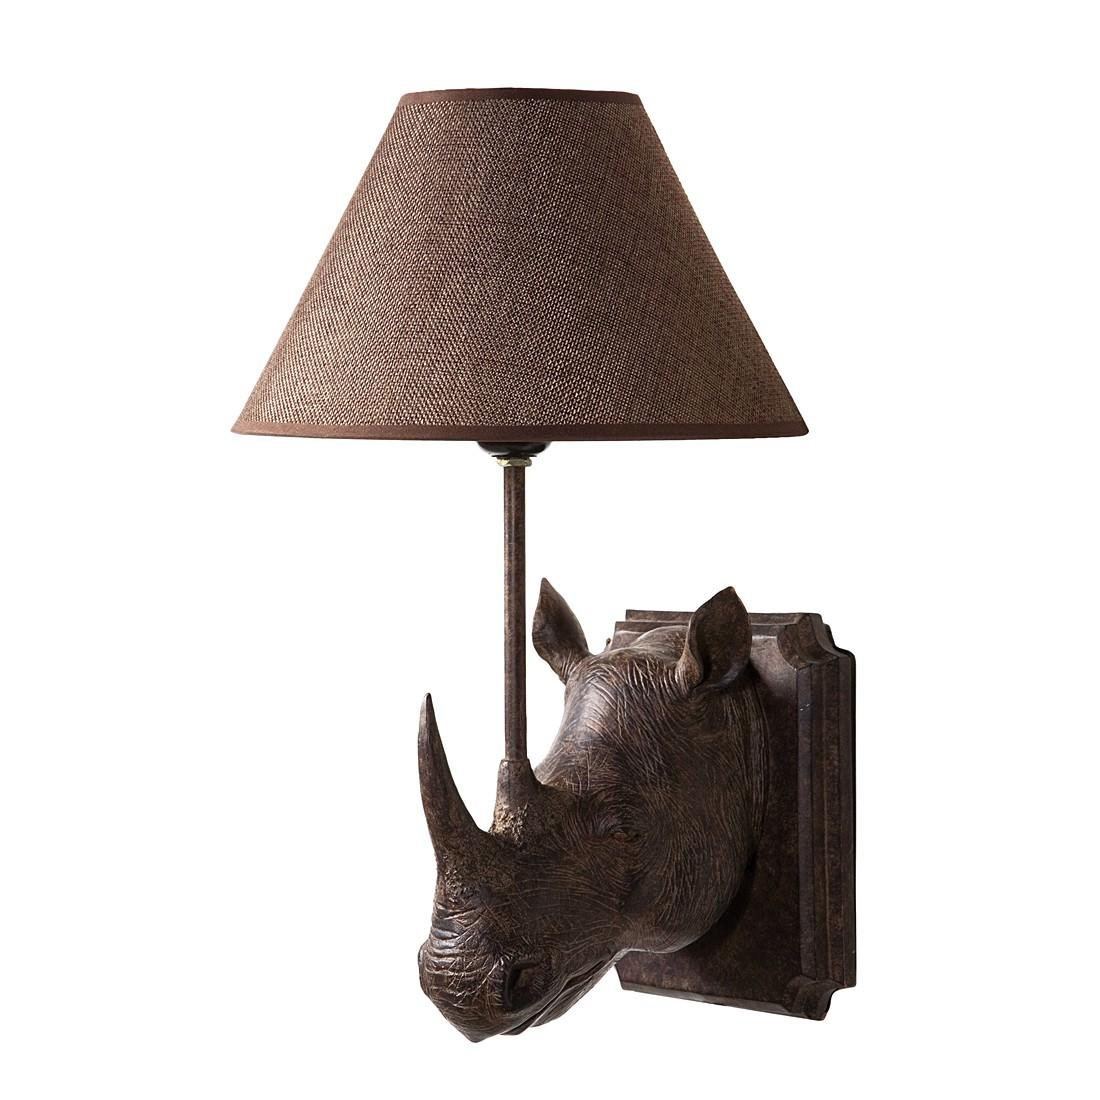 wandleuchte wl rhino kunststoff stoff 1 flammig kare design a g nstig online kaufen. Black Bedroom Furniture Sets. Home Design Ideas